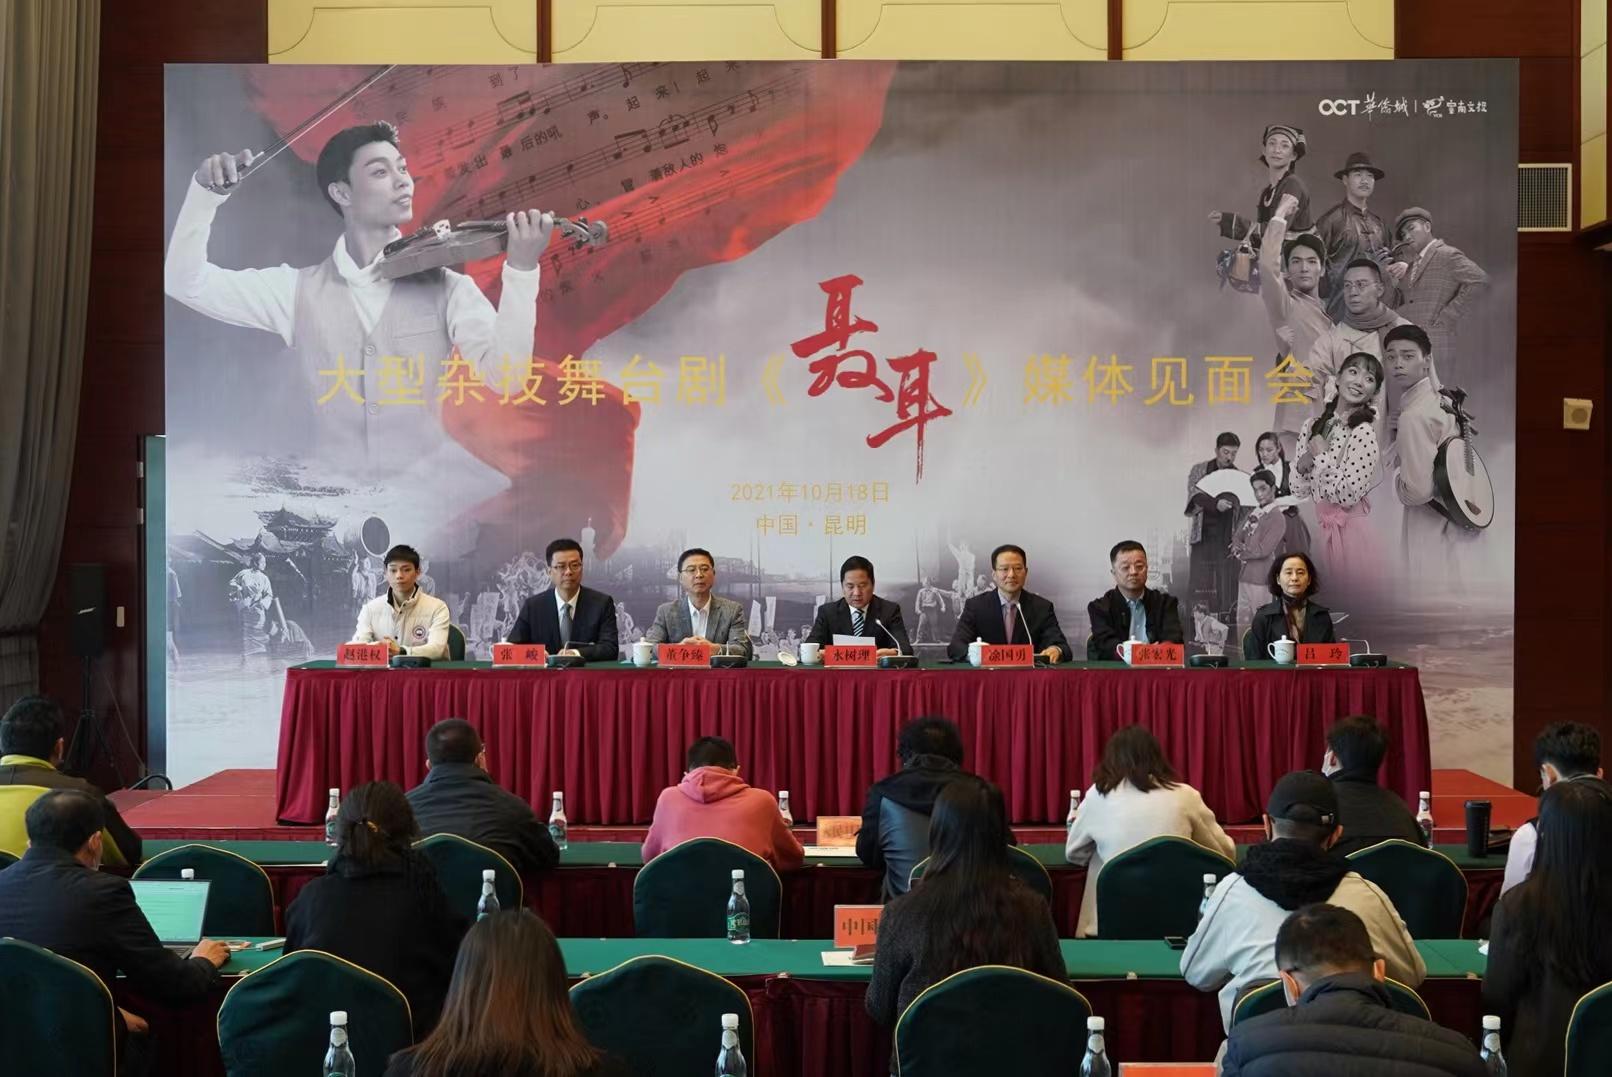 大型杂技舞台剧《聂耳》将于10月20日首演